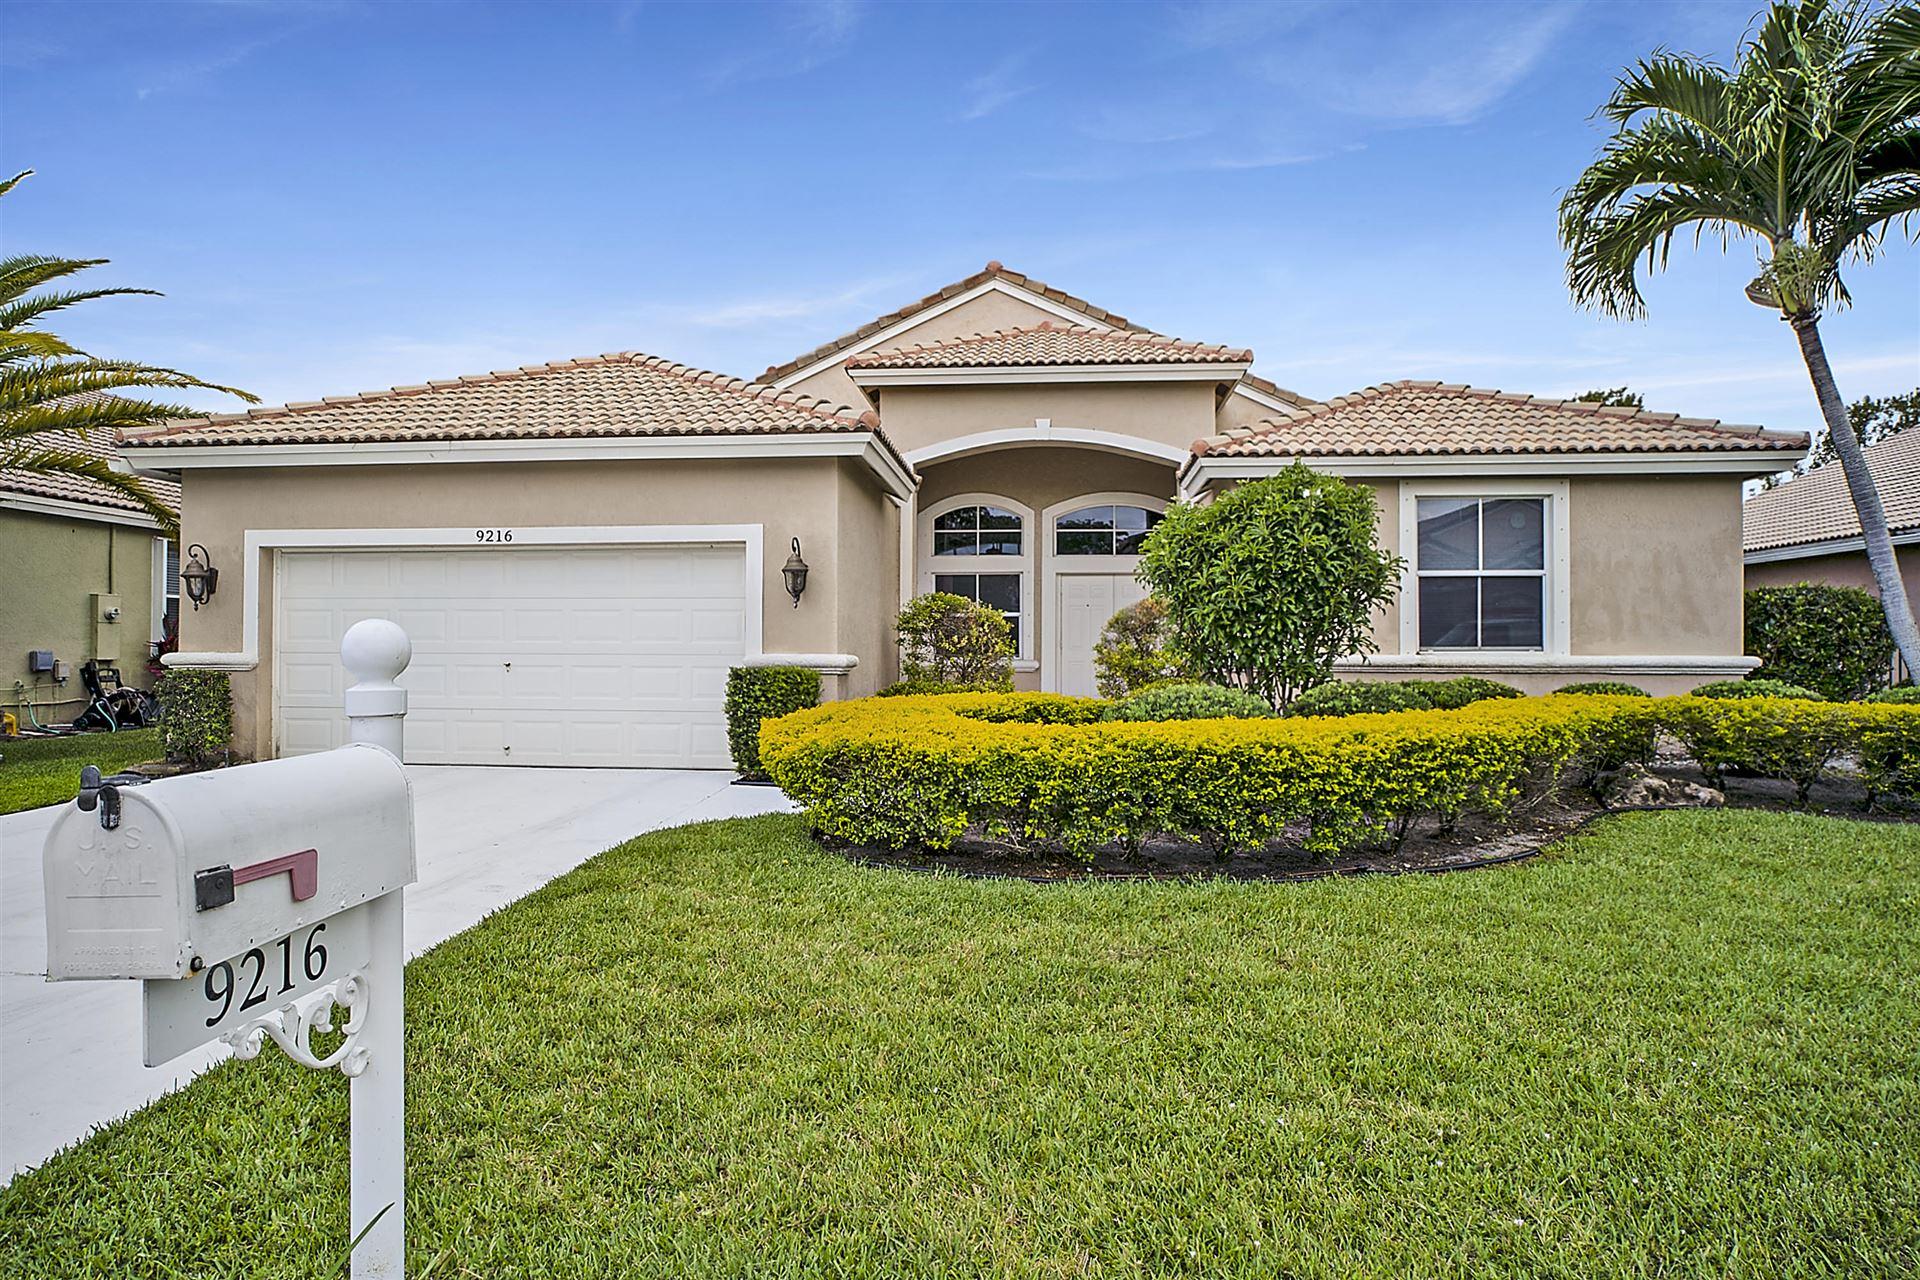 9216 Cove Point Circle, Boynton Beach, FL 33472 - #: RX-10721631